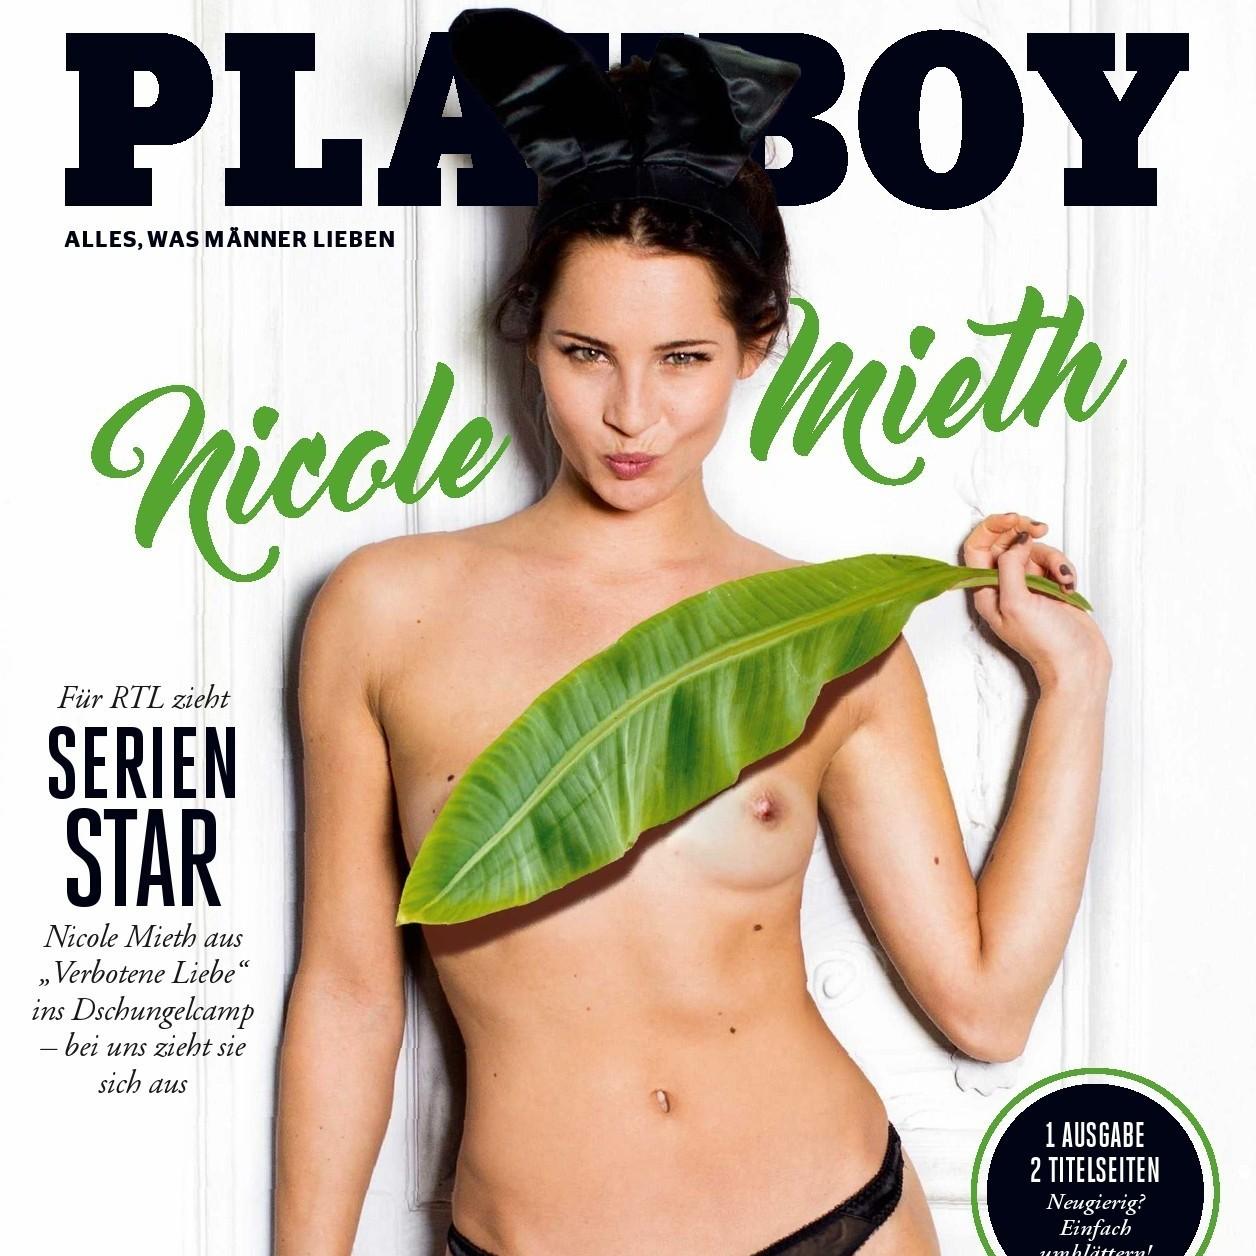 Playboy Febrero 2017 - Alemania